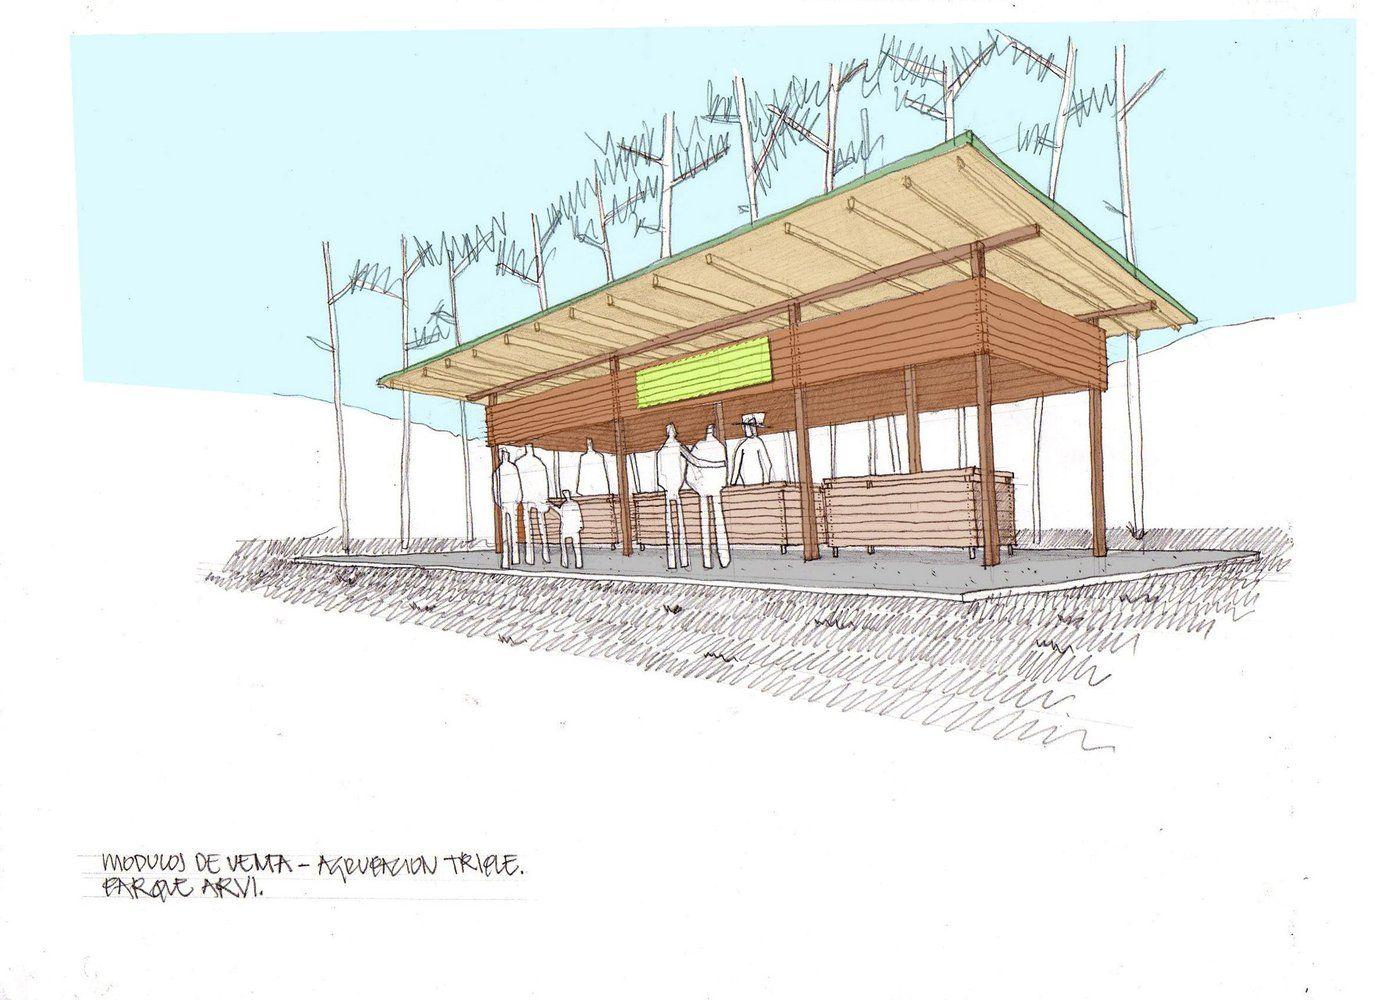 Galer A De Mobiliario Urbano Para El Parque Arvi Escala Urbana  # Muebles Dibujo Arquitectonico